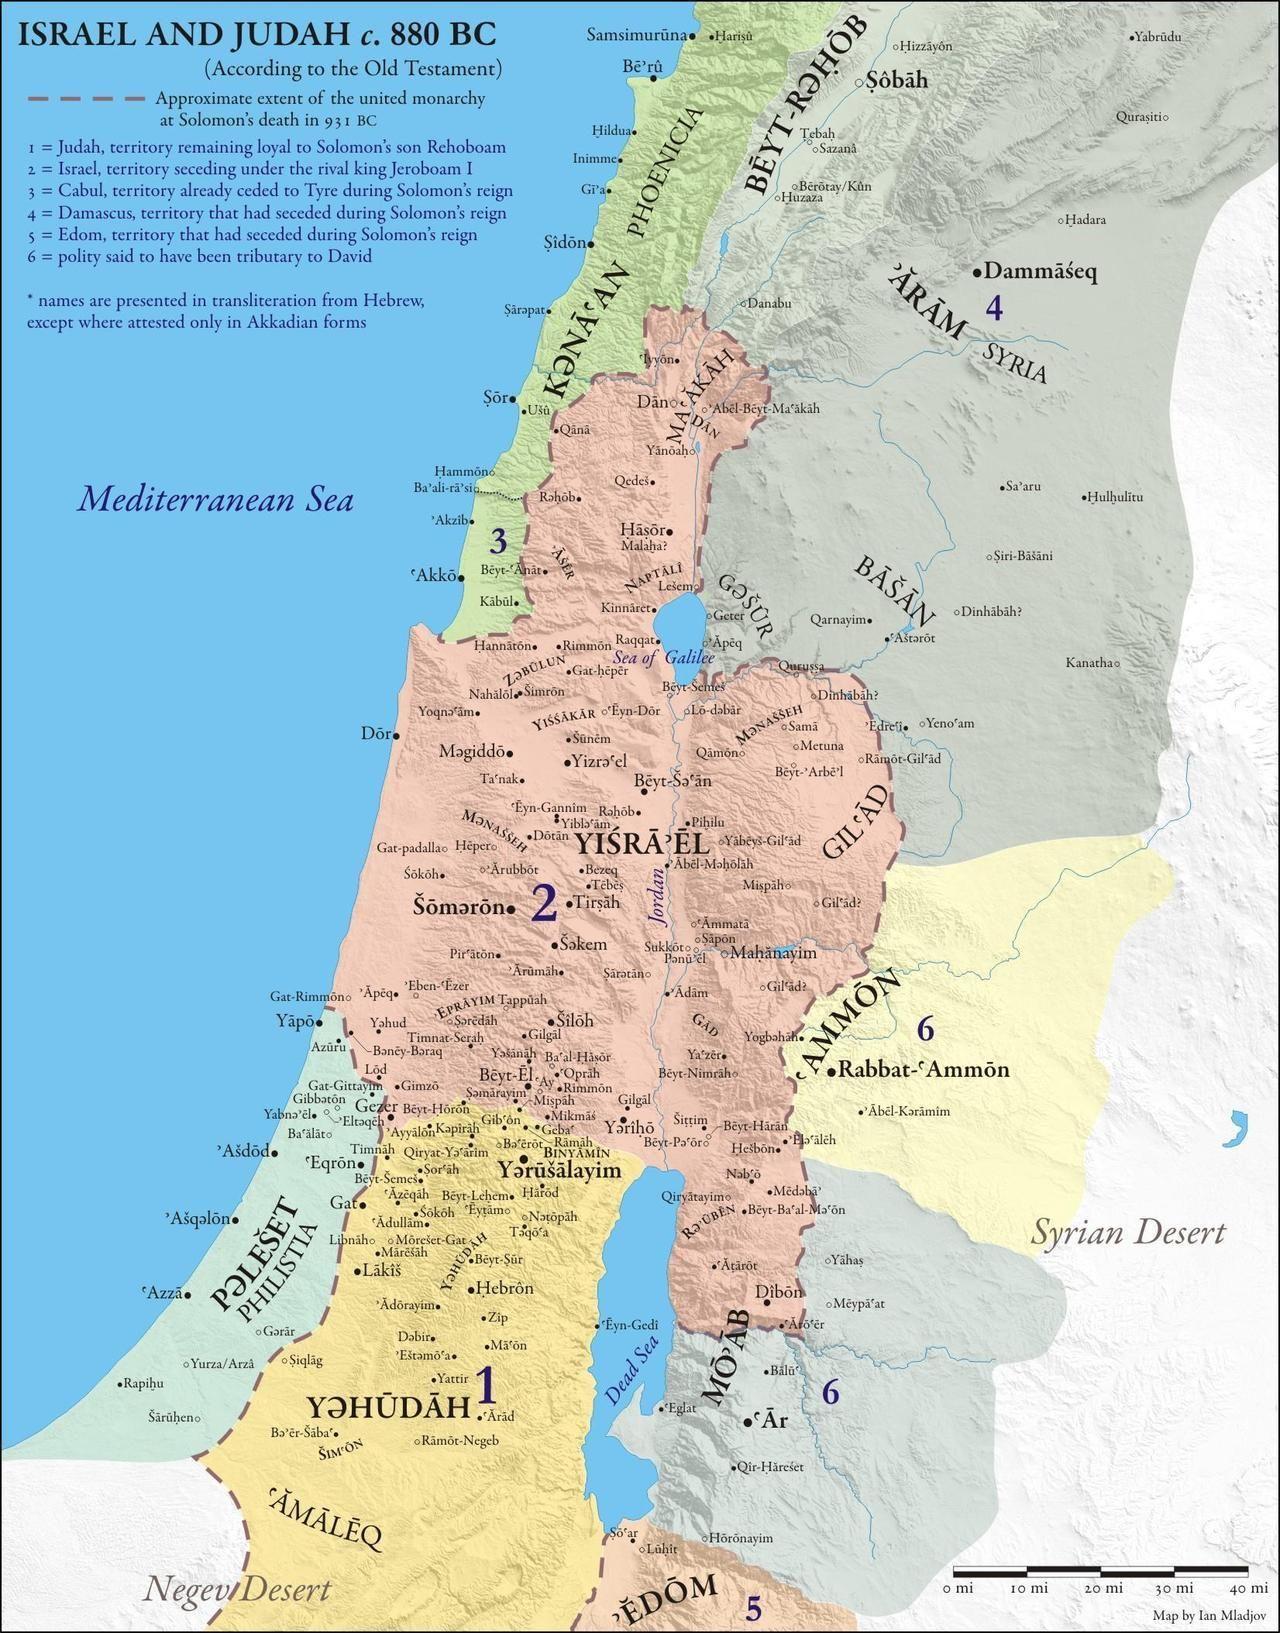 Map Of Israel And Judah 880 Bc